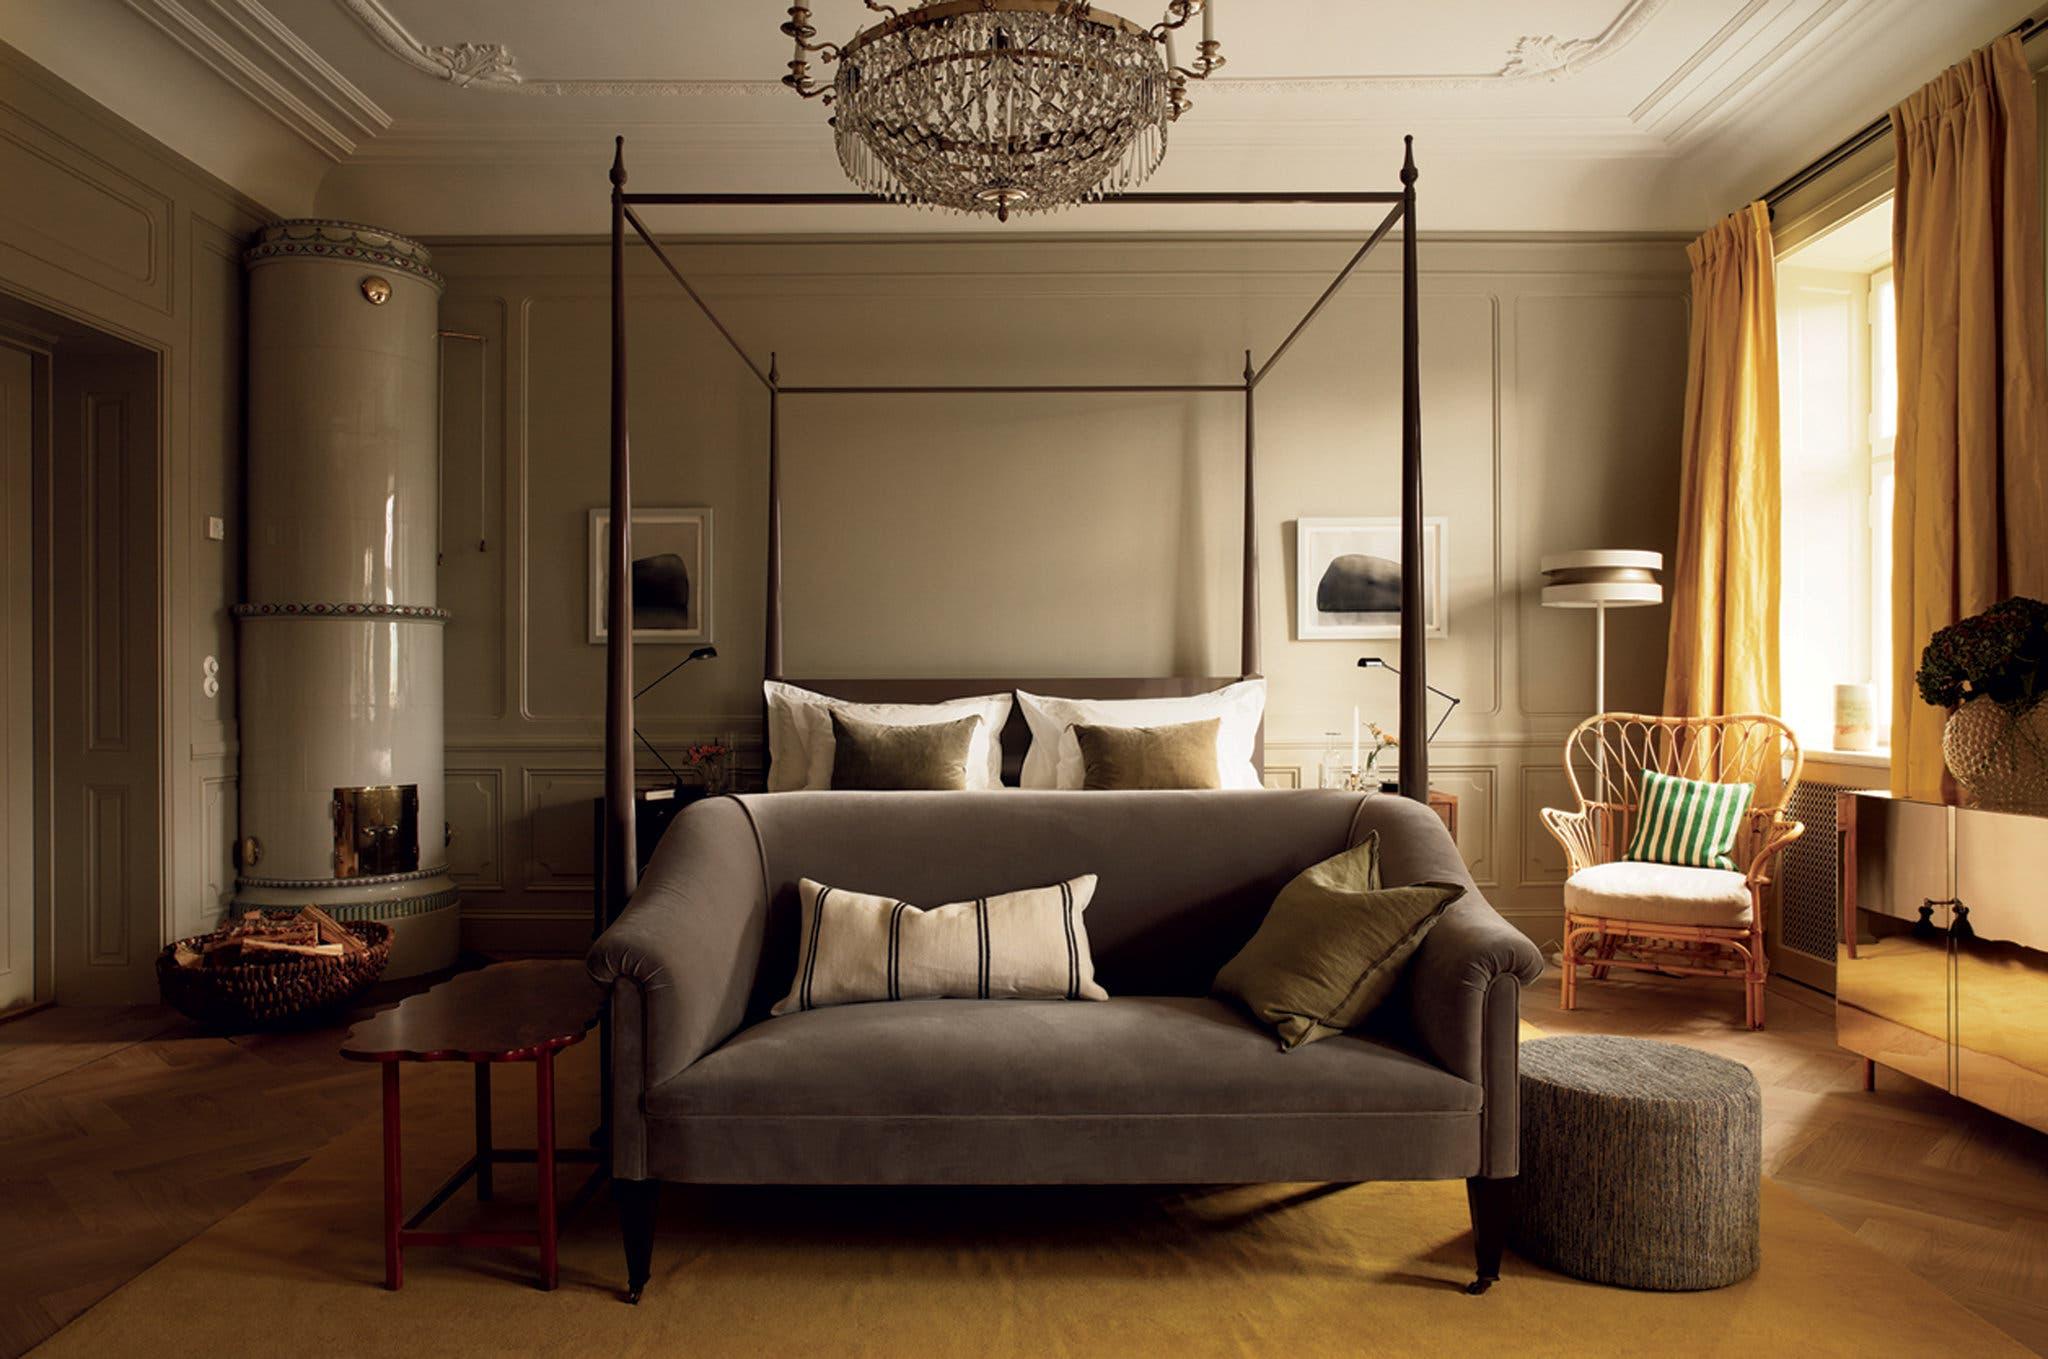 Cовременный скандинавский стиль возвращается к истокам, XVIII веку, когда интерьеры стилизовали под роскошный Версаль